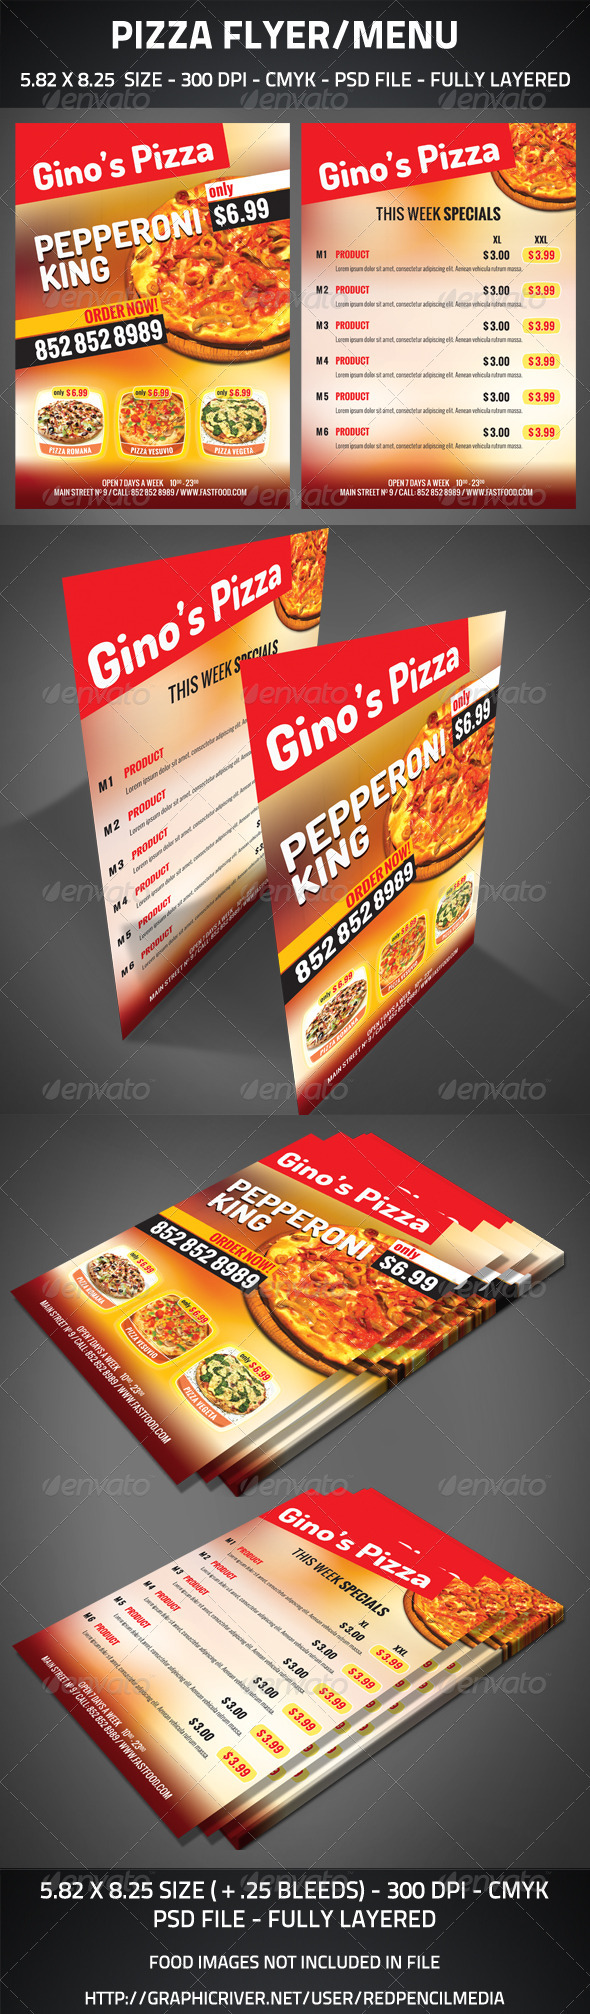 Pizza Flyer Menu